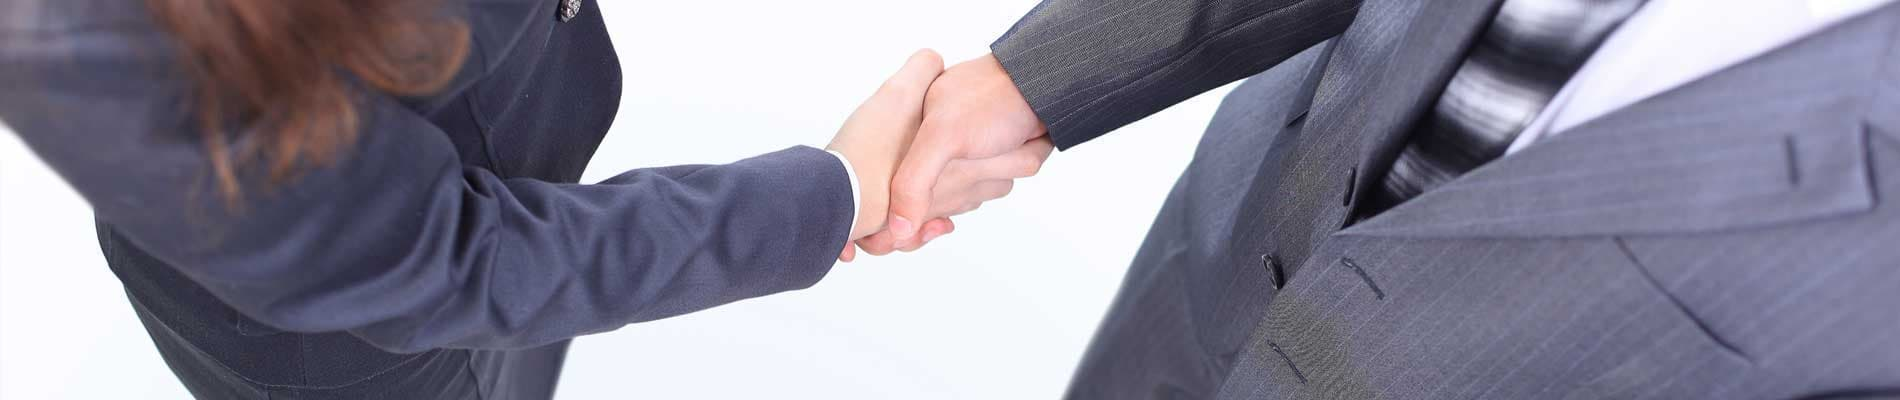 Relaciones públicas y protocolo